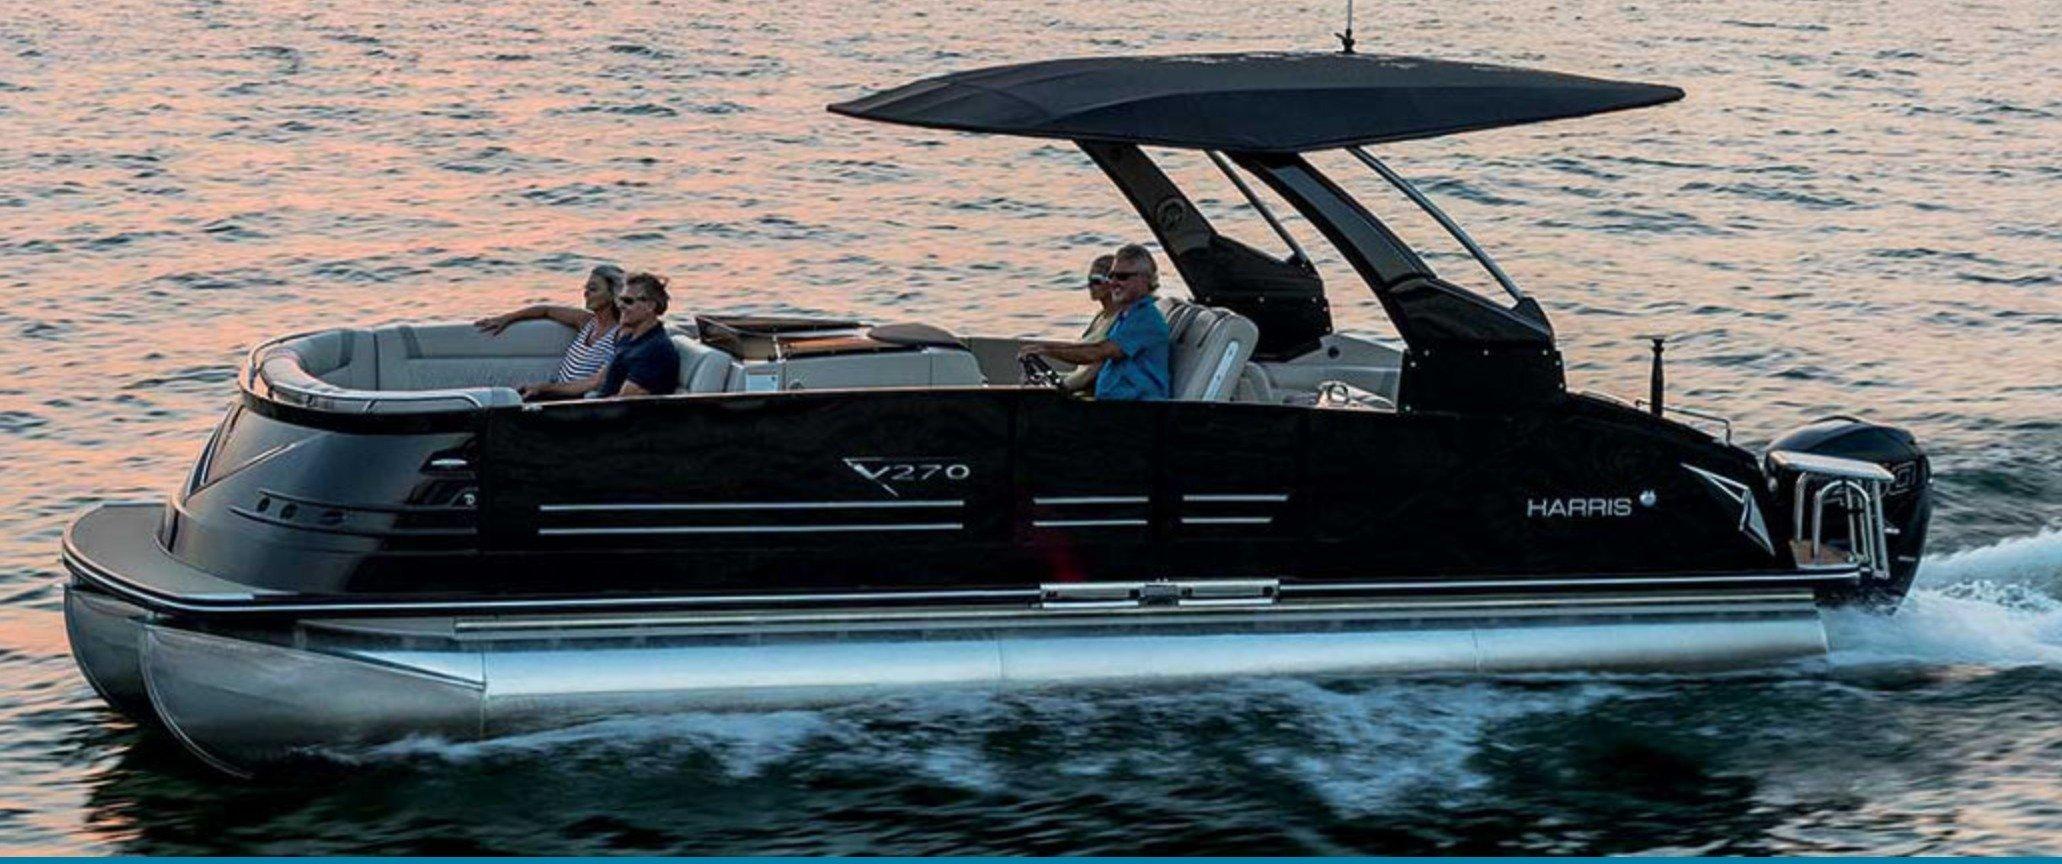 1st klas marina boat rentals